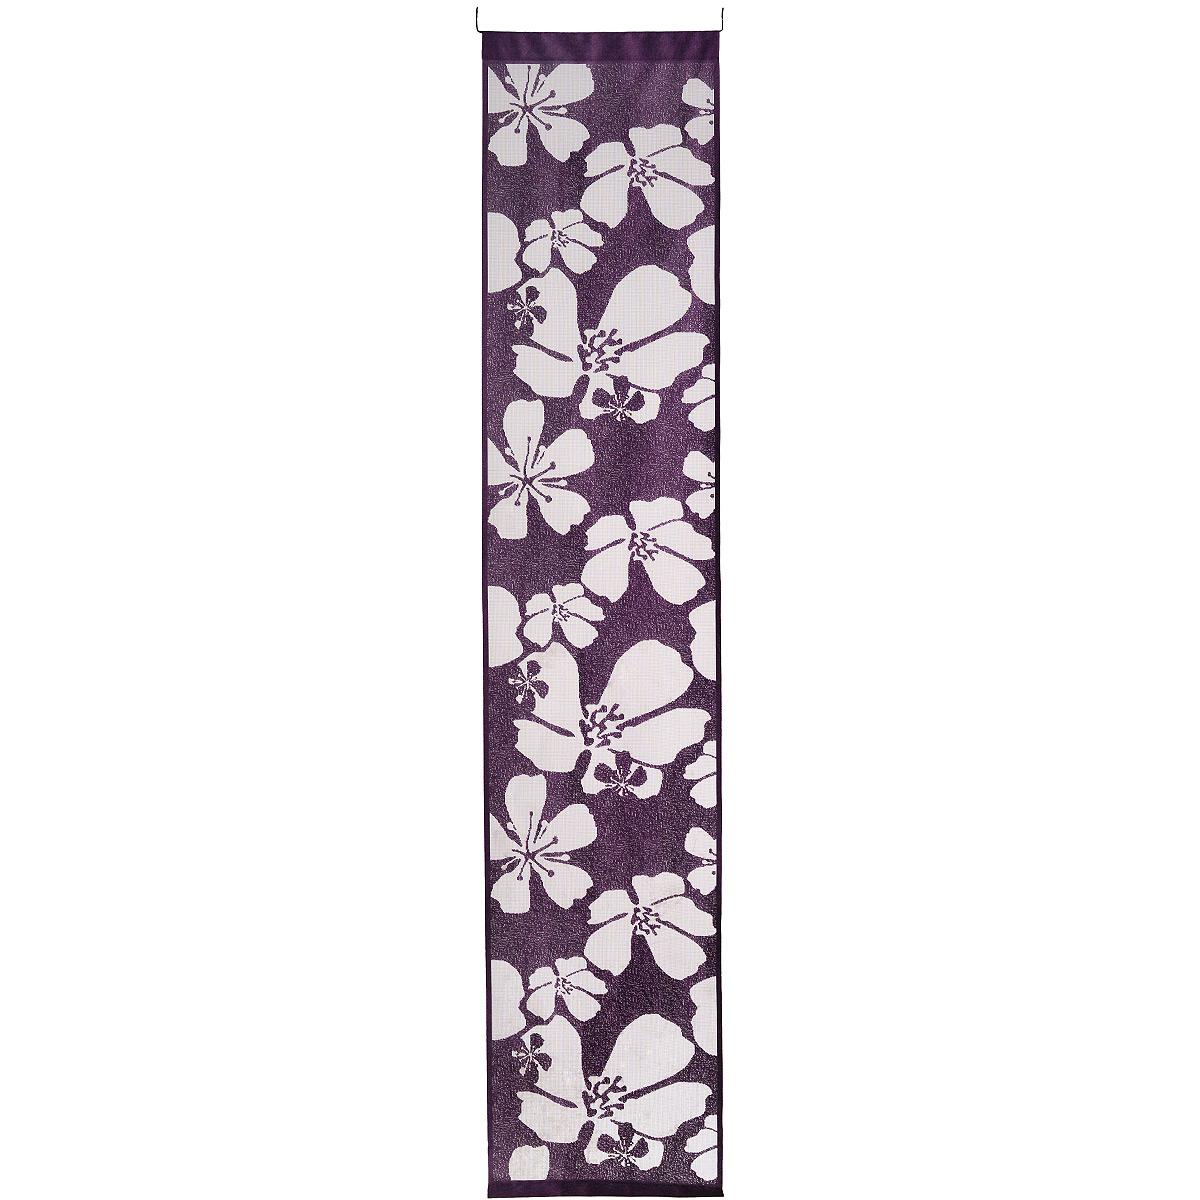 Гардина-панно Wisan, на кулиске, цвет: фиолетовый, высота 240 см. 98979897 фиолетовыйВоздушная гардина-панно Wisan, изготовленная из кружевного полиэстера, станет великолепным украшением любого окна. Изящный цветочный рисунок и приятная цветовая гамма привлекут к себе внимание и органично впишутся в интерьер комнаты. Гардина оснащена кулиской для крепления на штангу или на прищепы.